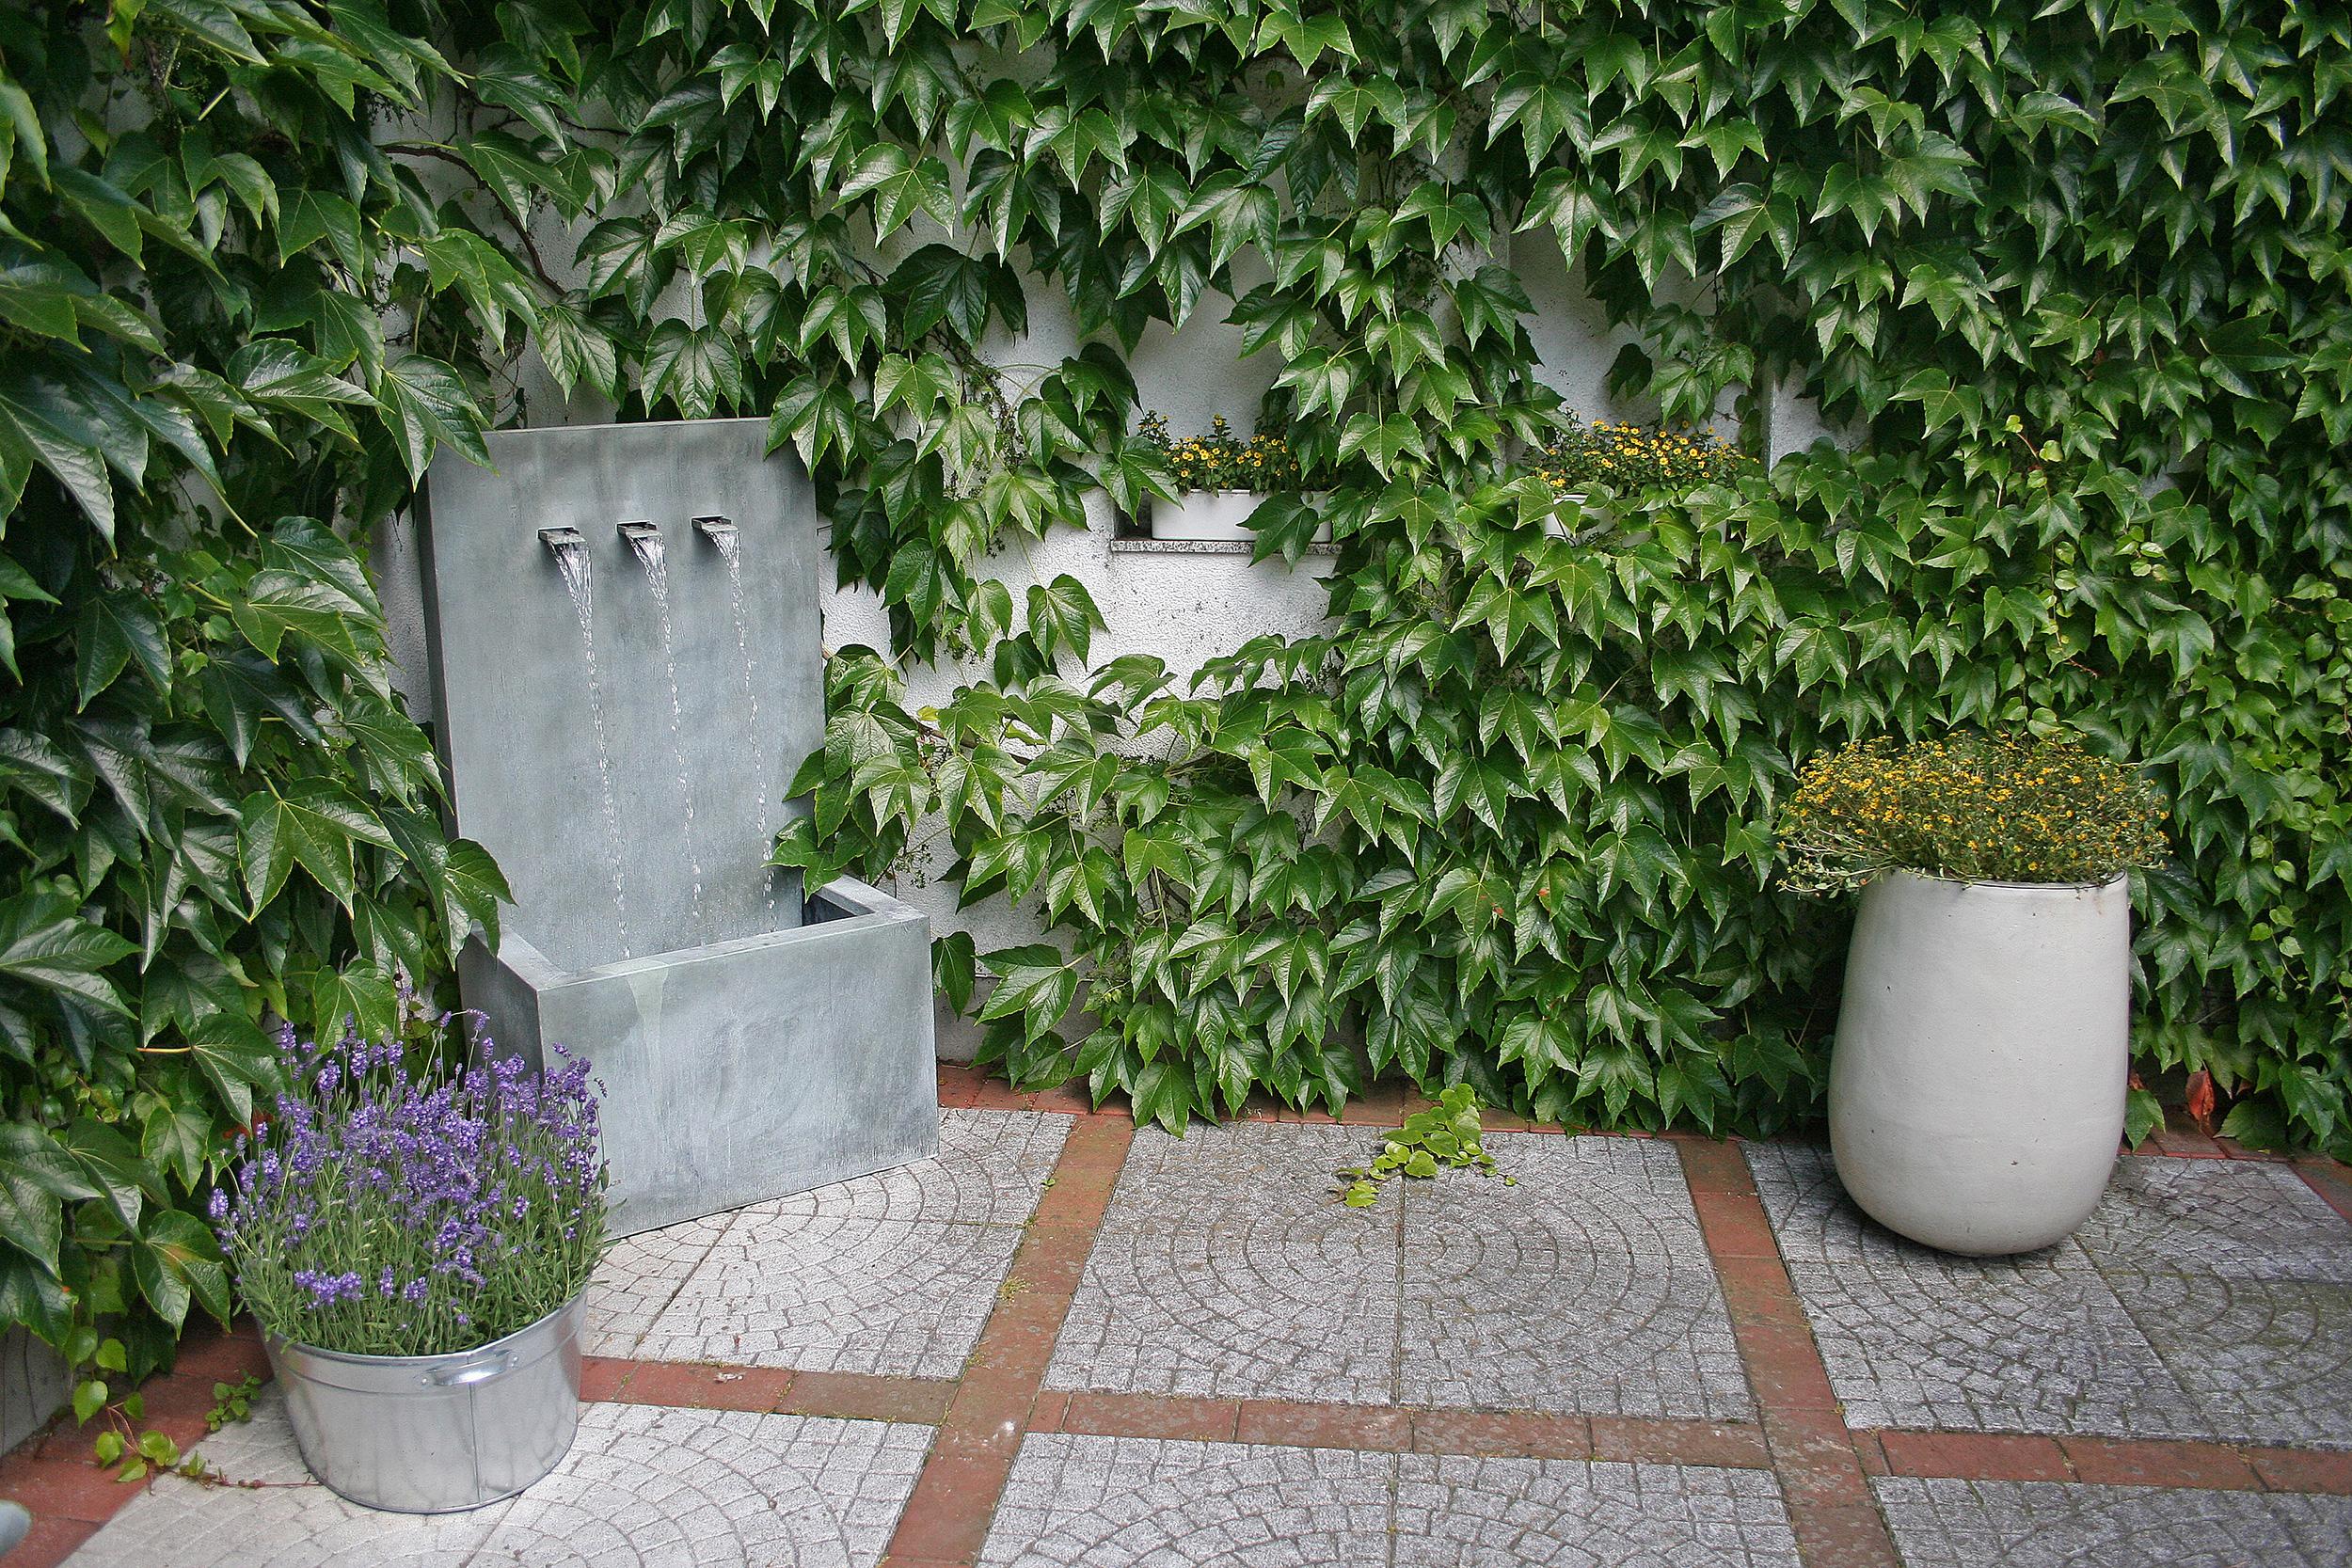 wandbrunnen wasserfall wand zinkart wall 3 gardomat. Black Bedroom Furniture Sets. Home Design Ideas